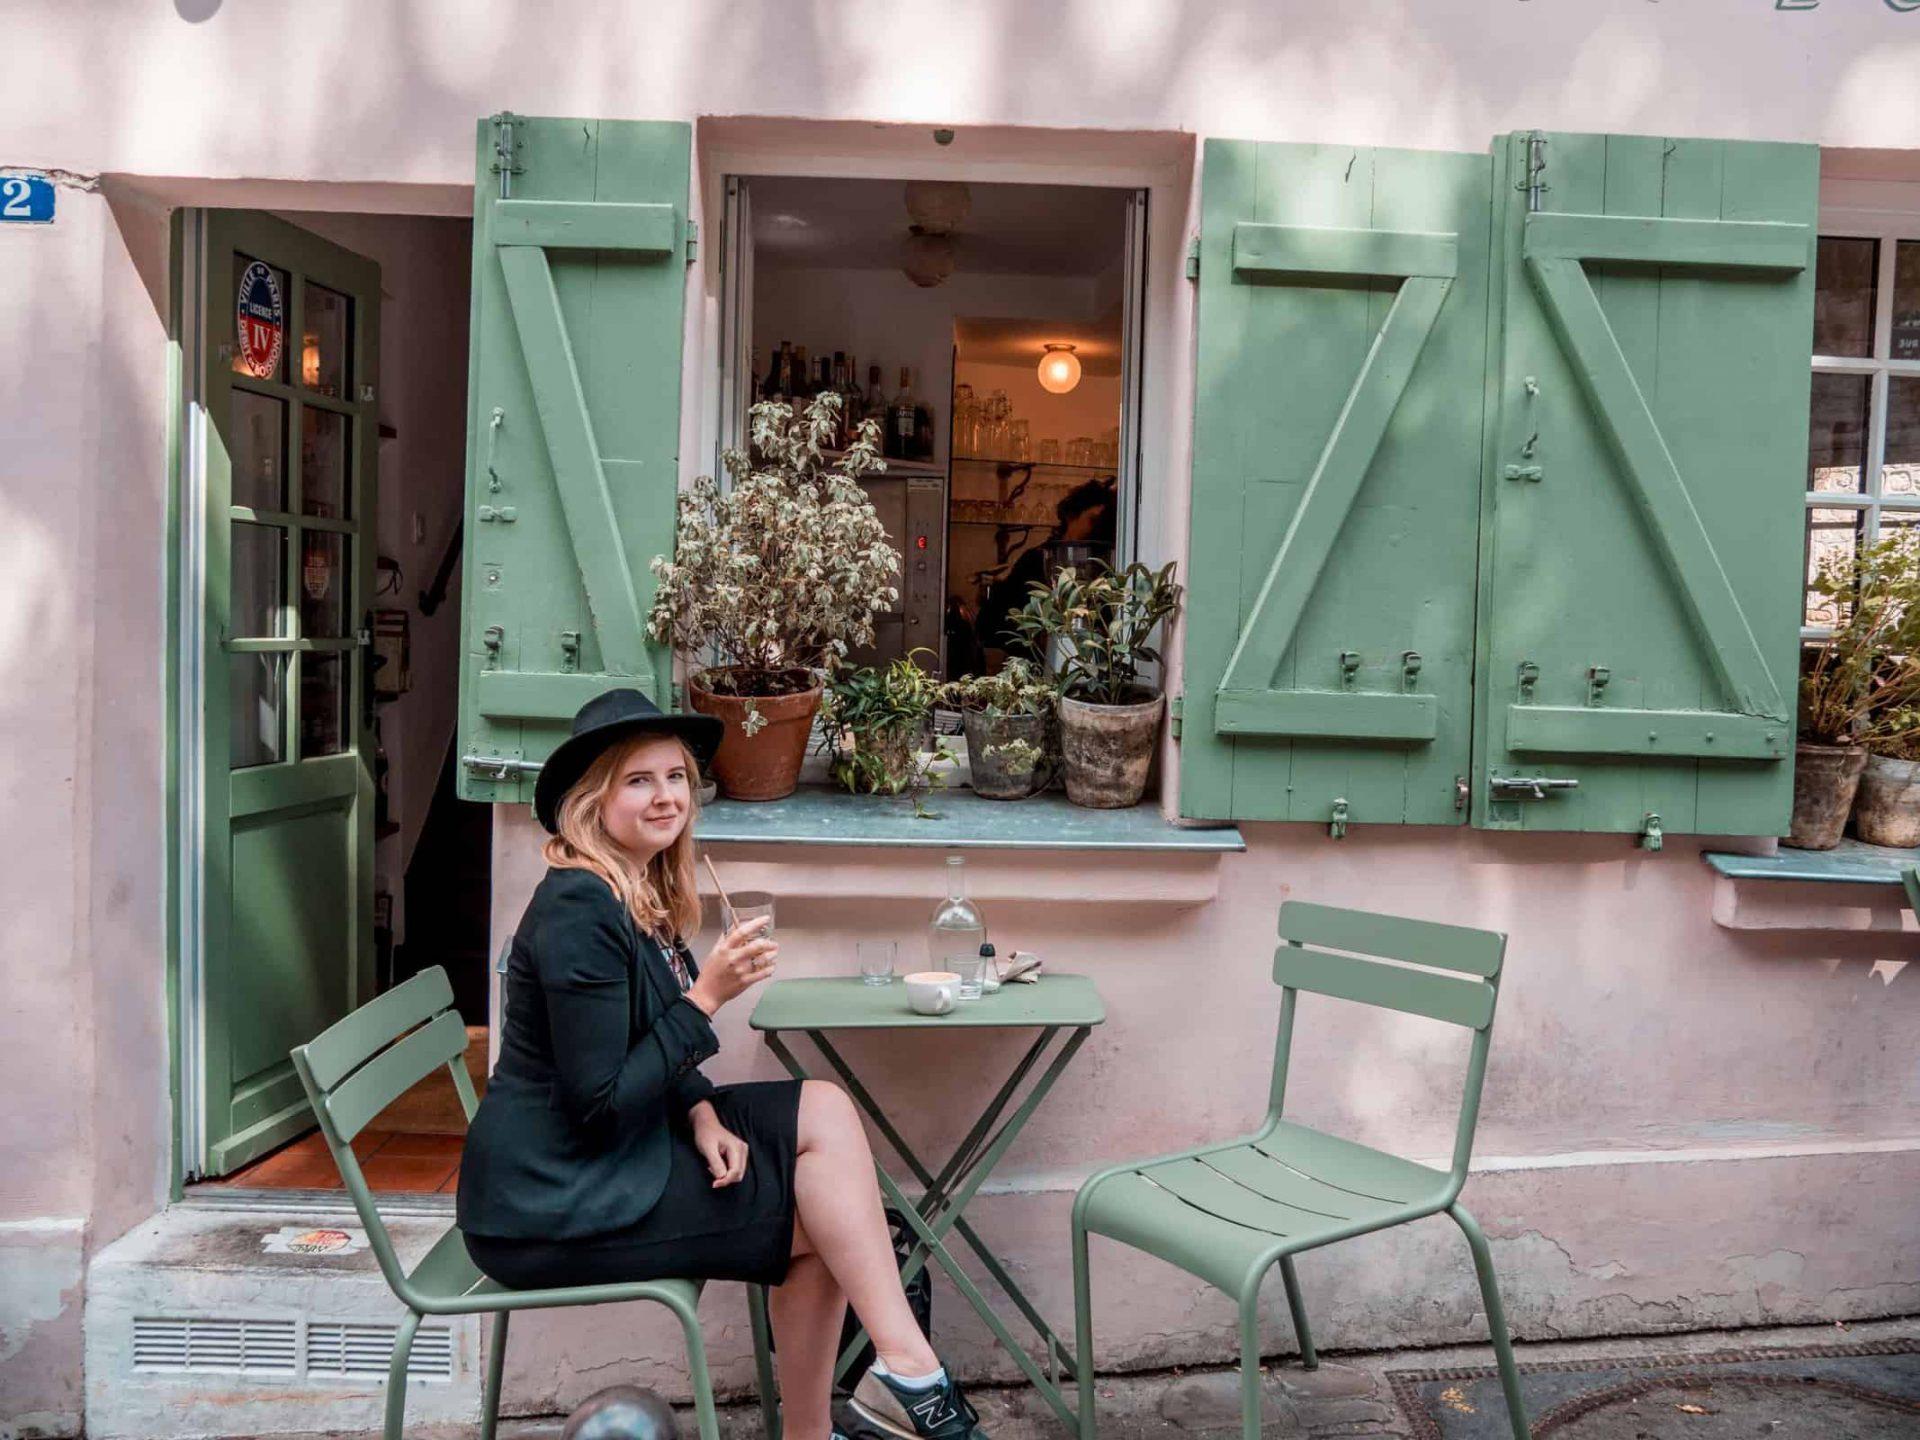 ParisMilou1 - Je eerste keer alleen reizen: hoe doe je dat? Solo reizen tips!